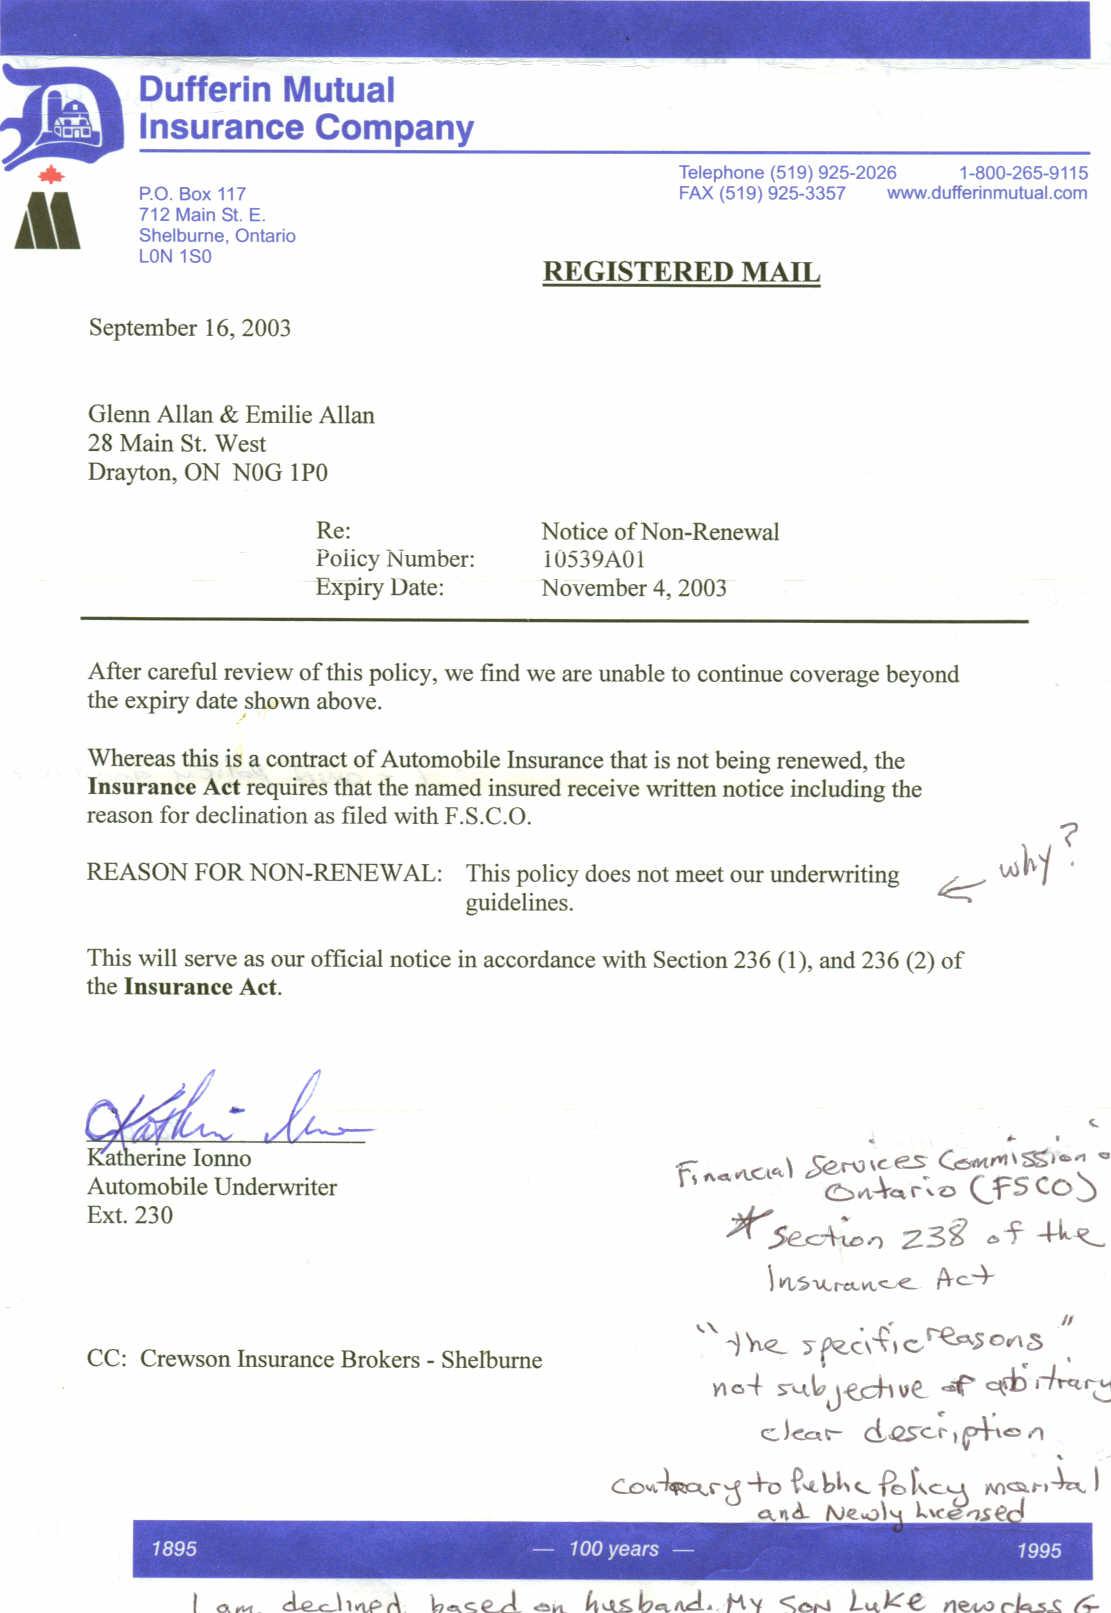 insurance claim denial letter